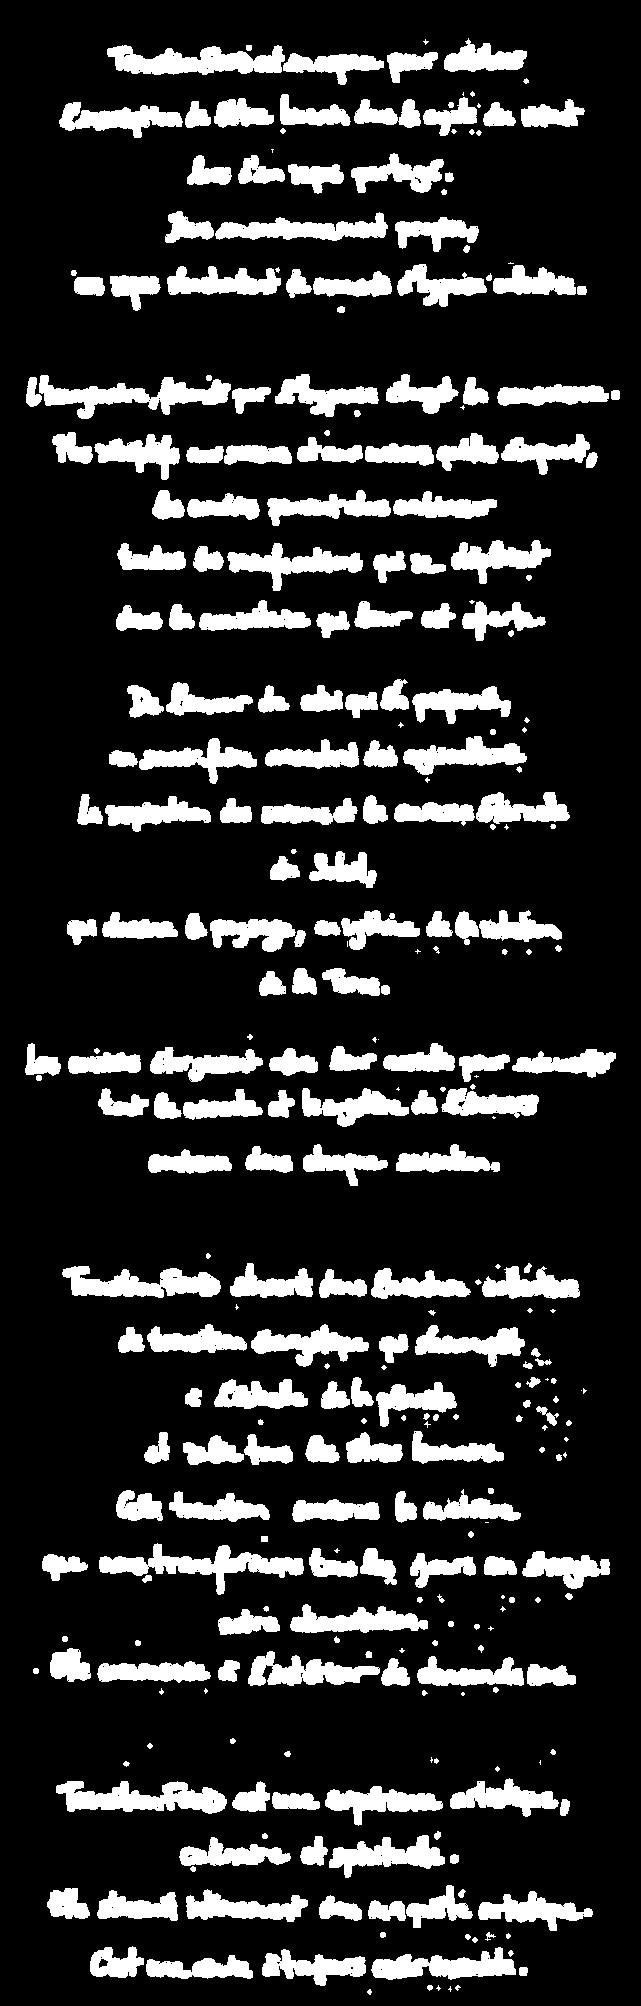 TF Manuscrit fr texte fin2.png